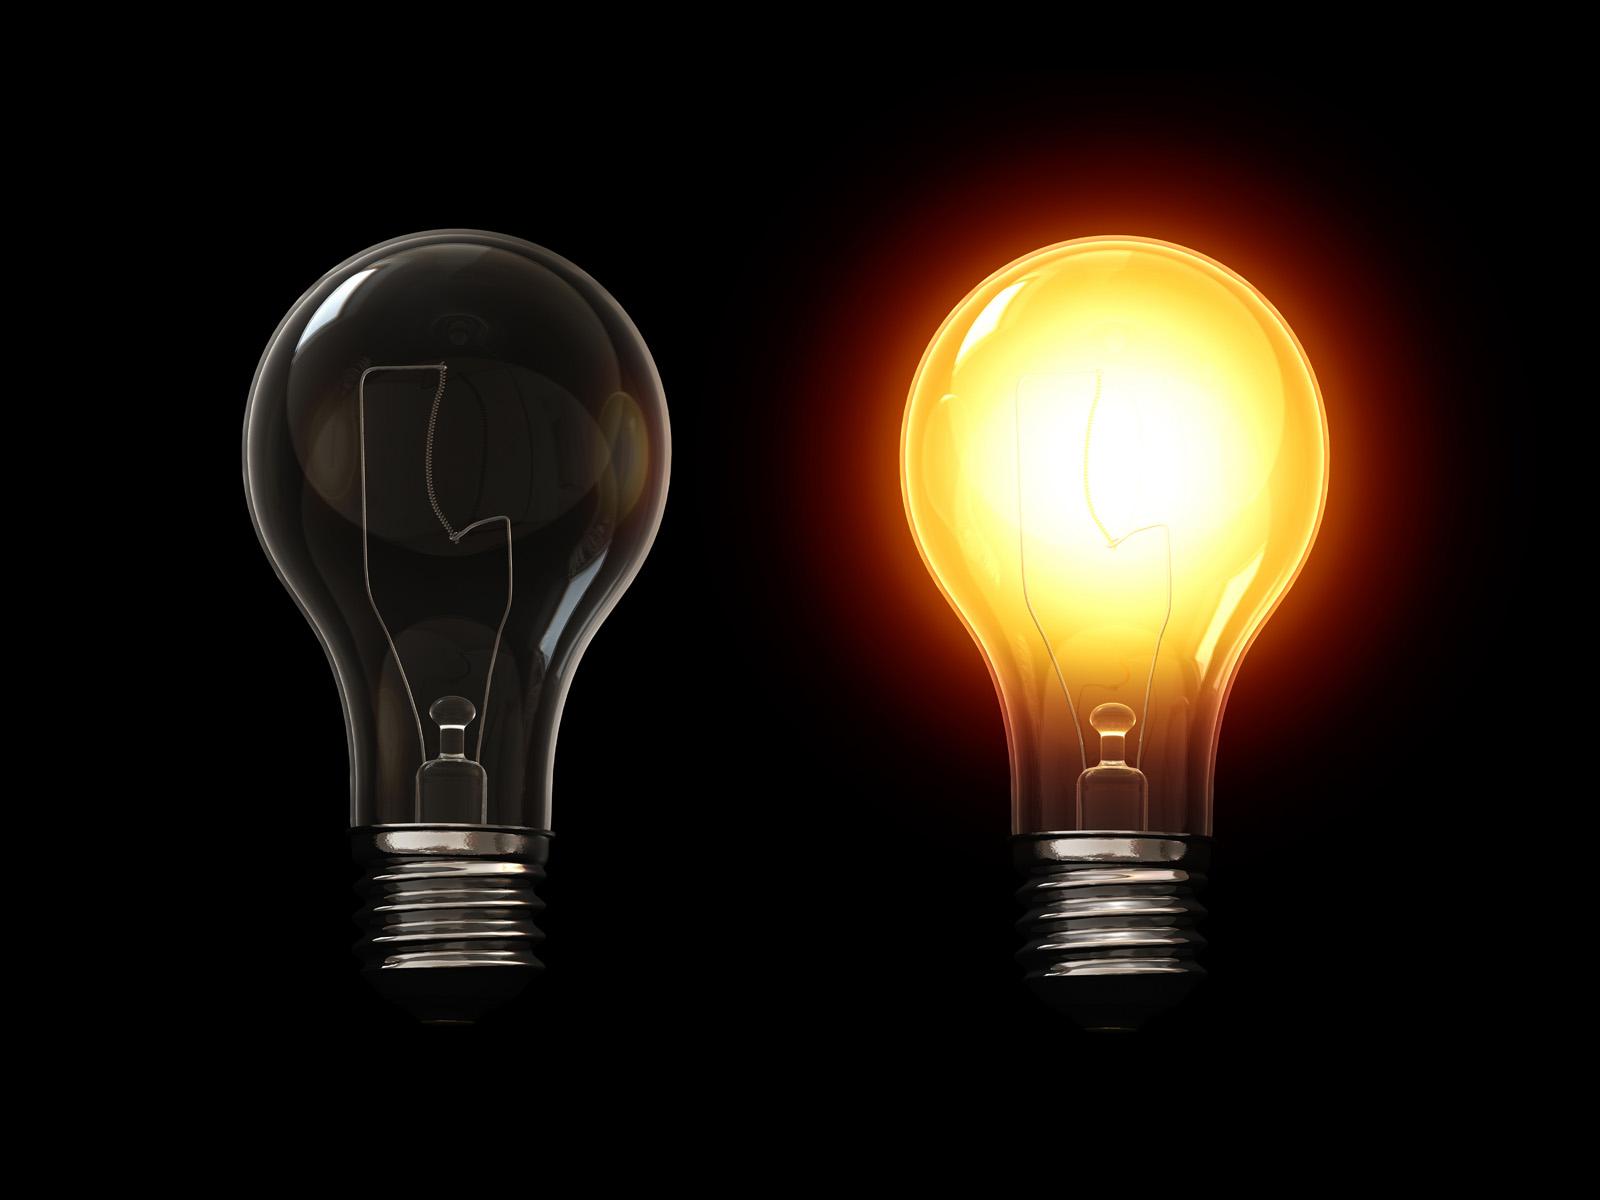 В ряде кировских домов 19 апреля планируется отключение электричества